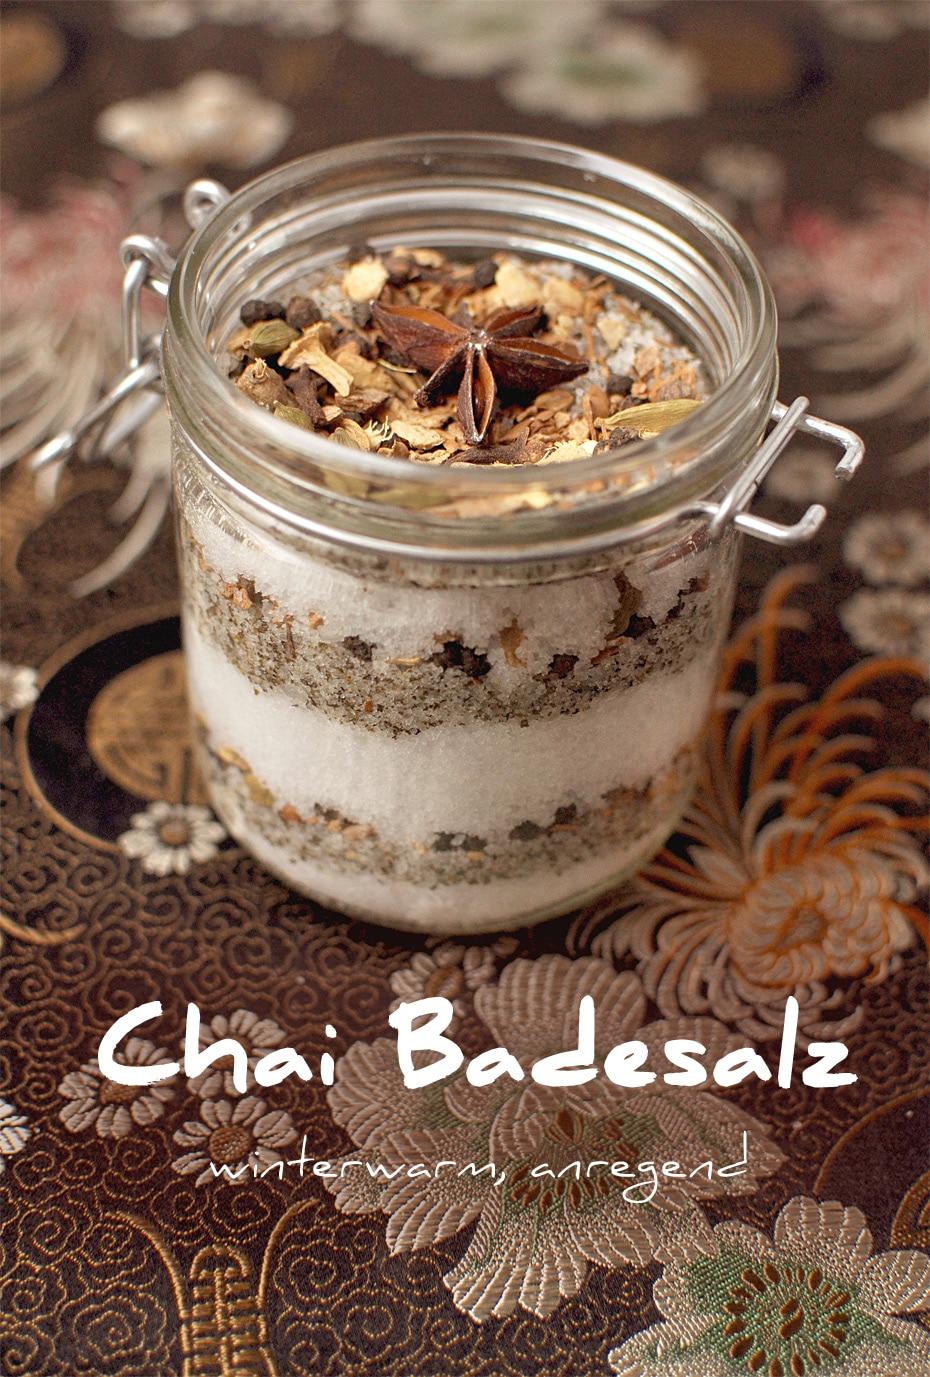 Geschenkidee Chai Badesalz | Schwatz Katz